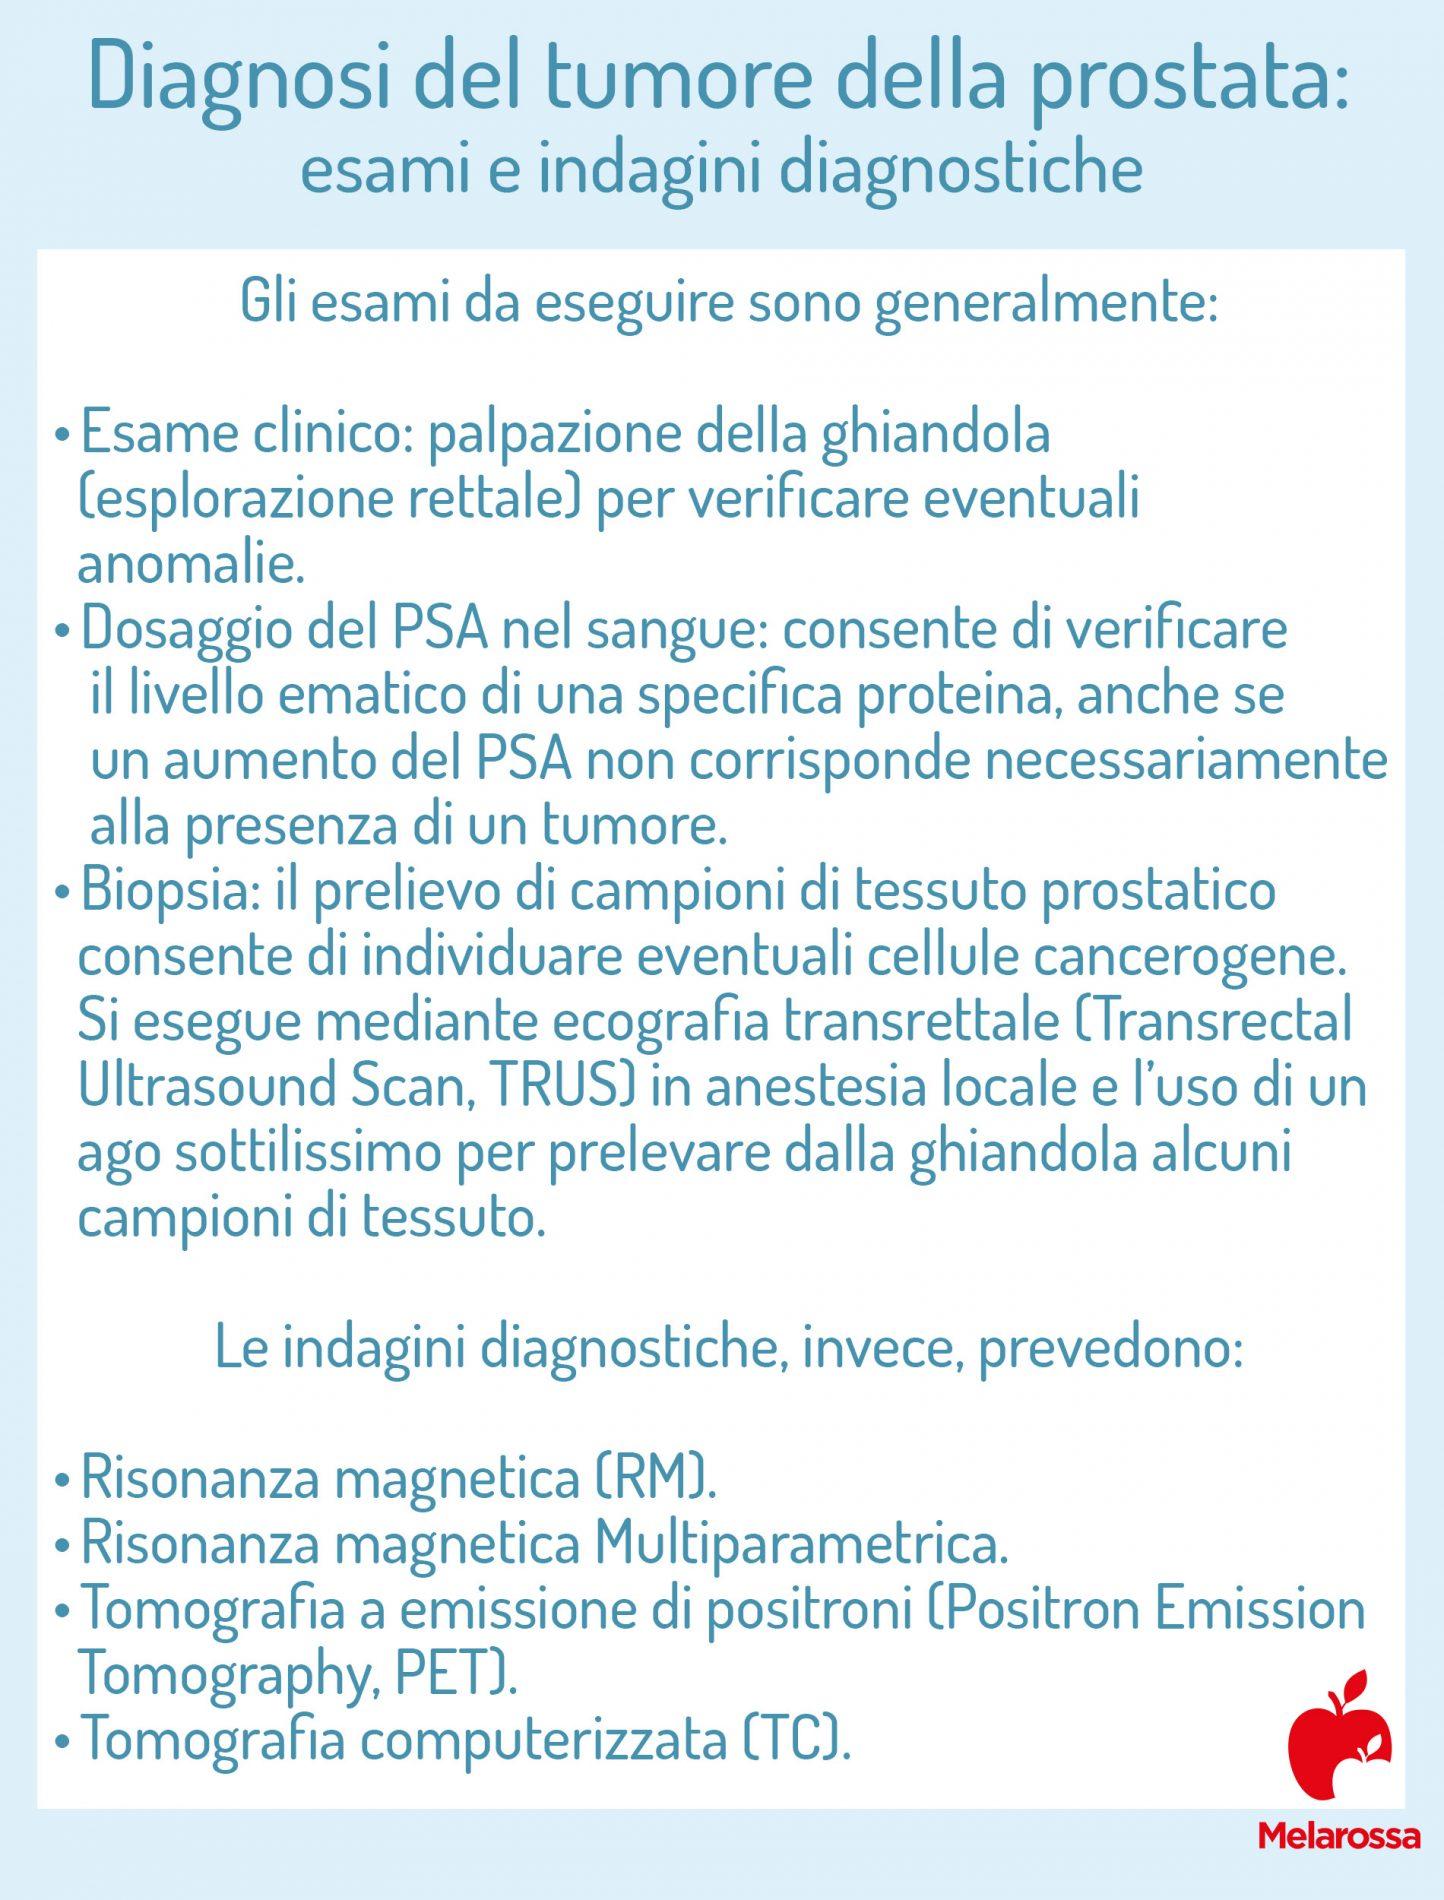 tumore alla prostata: diagnosi